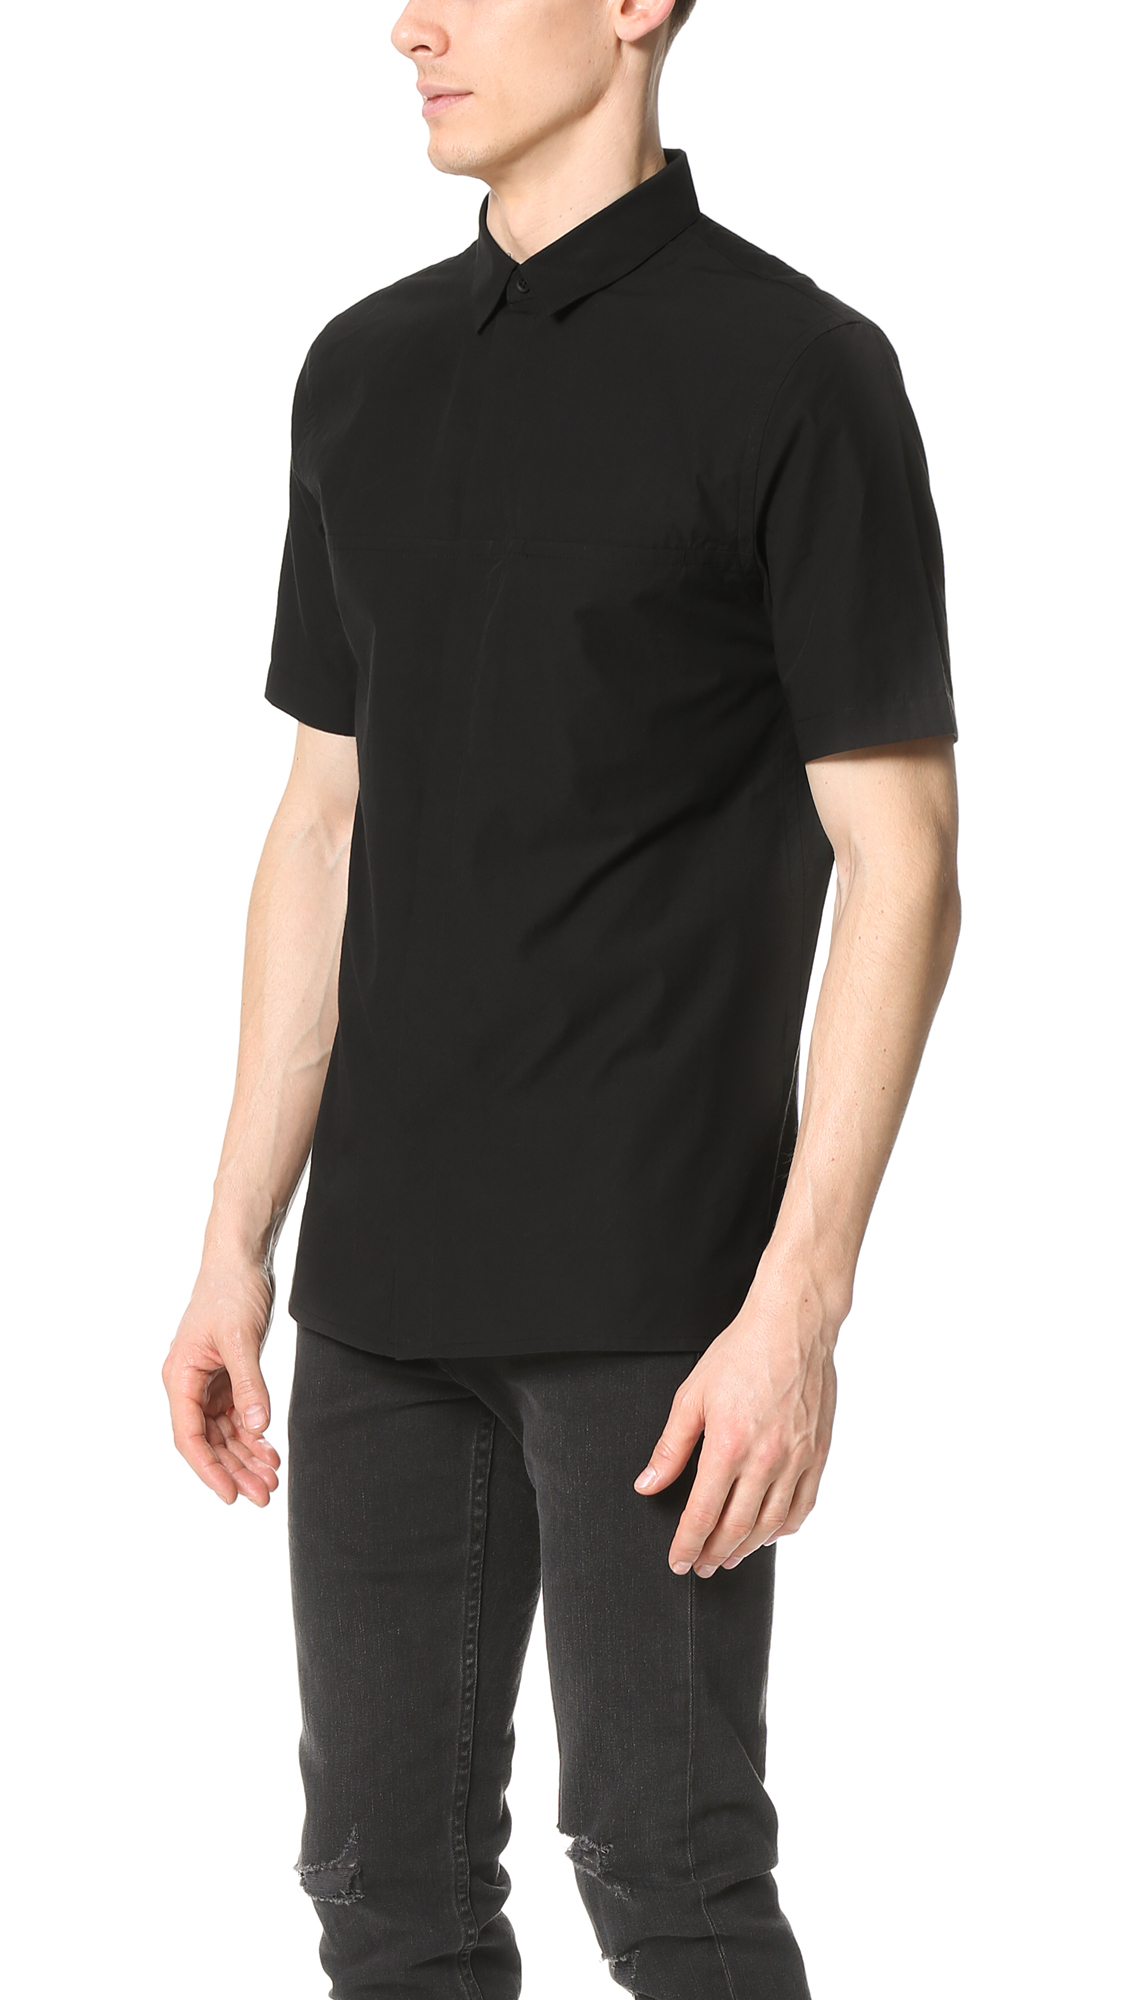 helmut lang whisper short sleeve shirt in black for men lyst. Black Bedroom Furniture Sets. Home Design Ideas